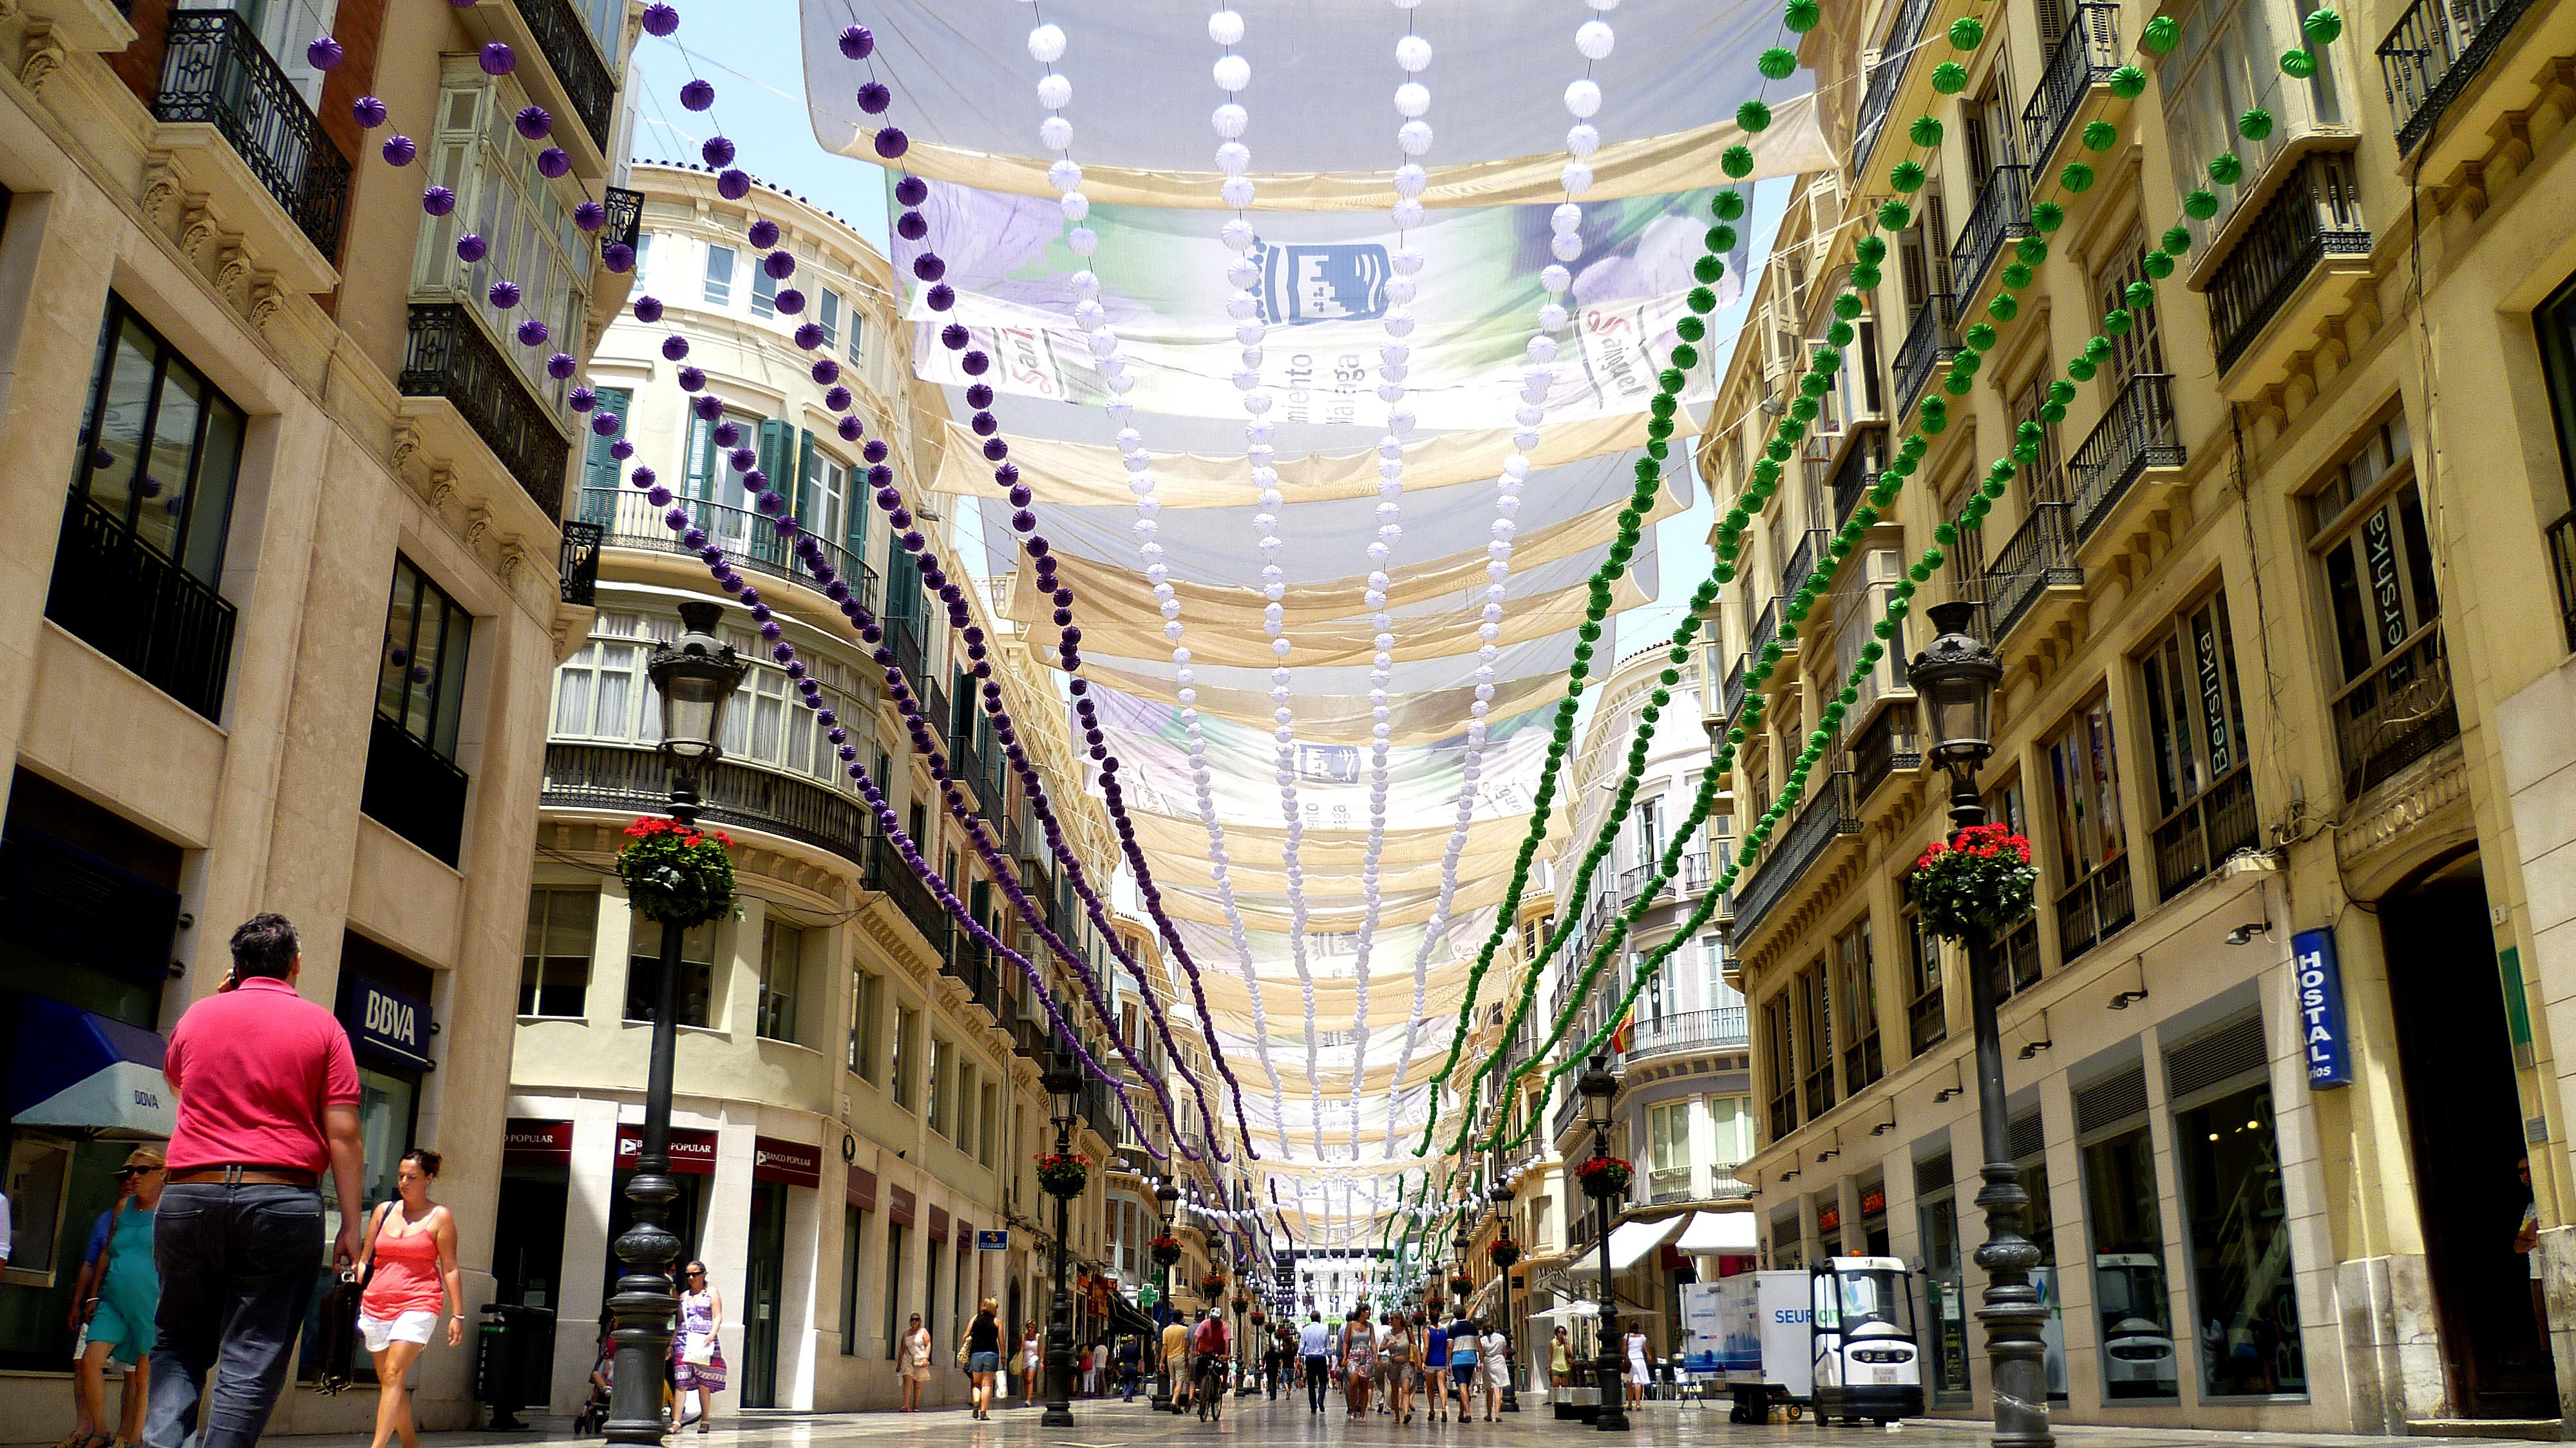 La Calle Larios Todo Listo Fotos De Feria De M 225 Laga